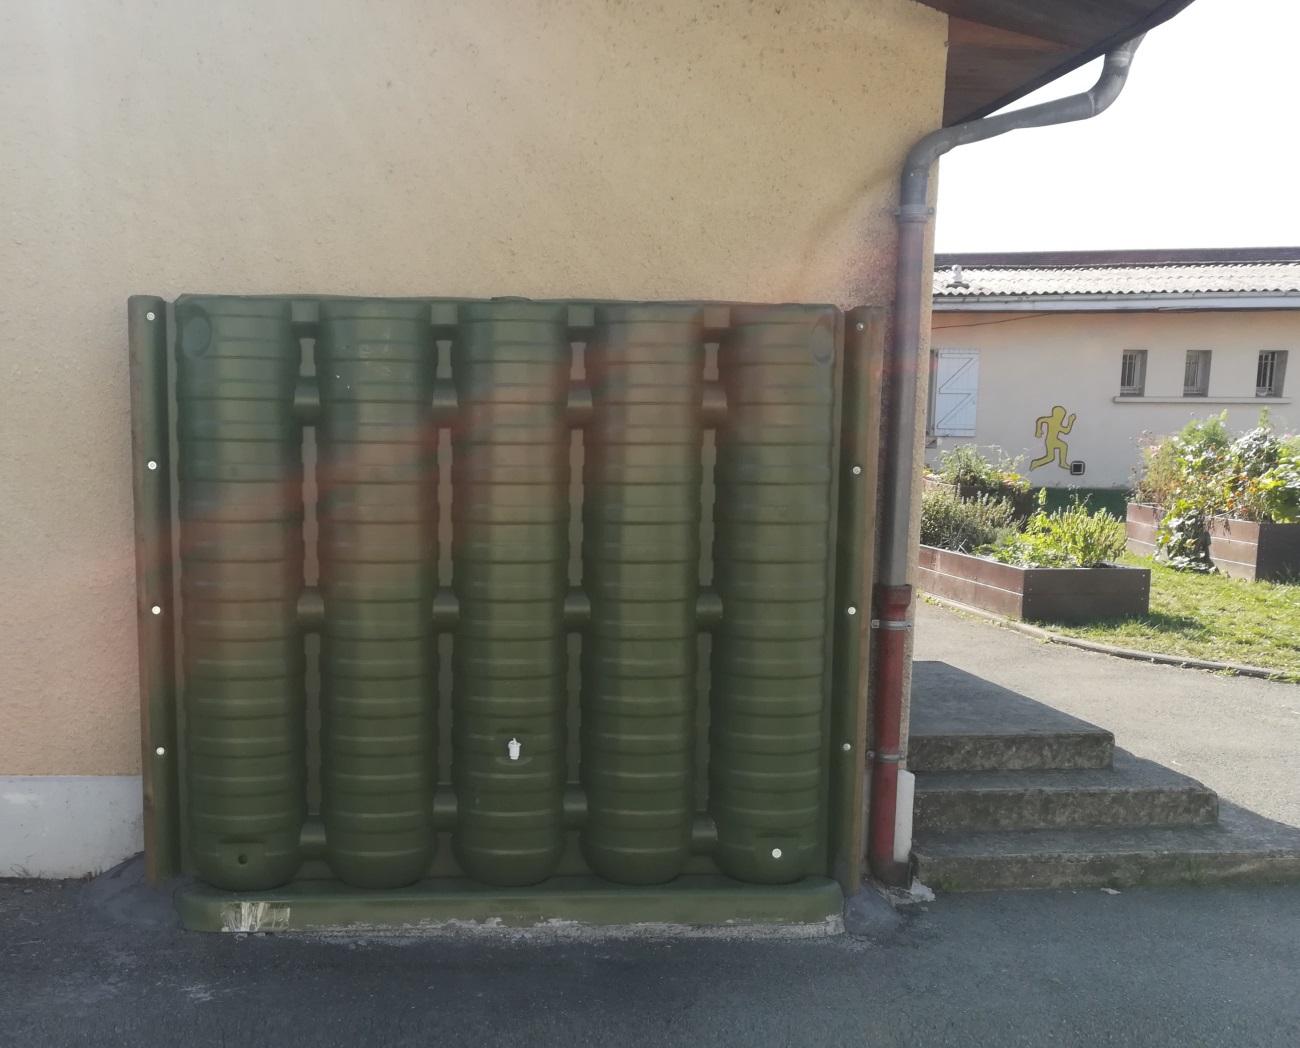 Fabriquer Un Abri Pour Velo solutions de récupération d'eau de pluie - ecol'eaumur